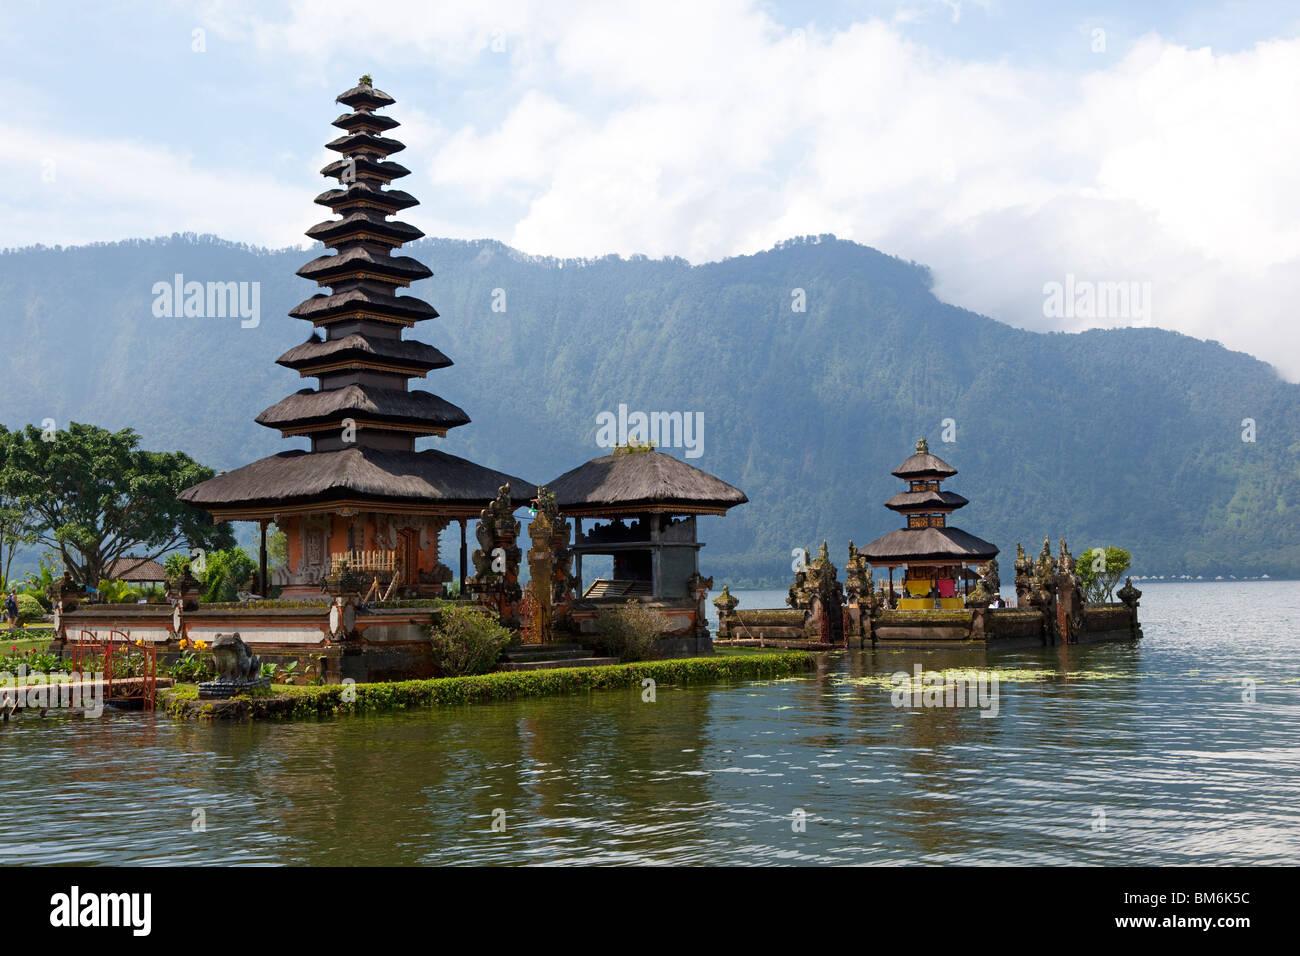 Pura Ulun Danu Bratan, Hindu-Buddhist temple in Candykuning, Bali, Indonesia Stock Photo